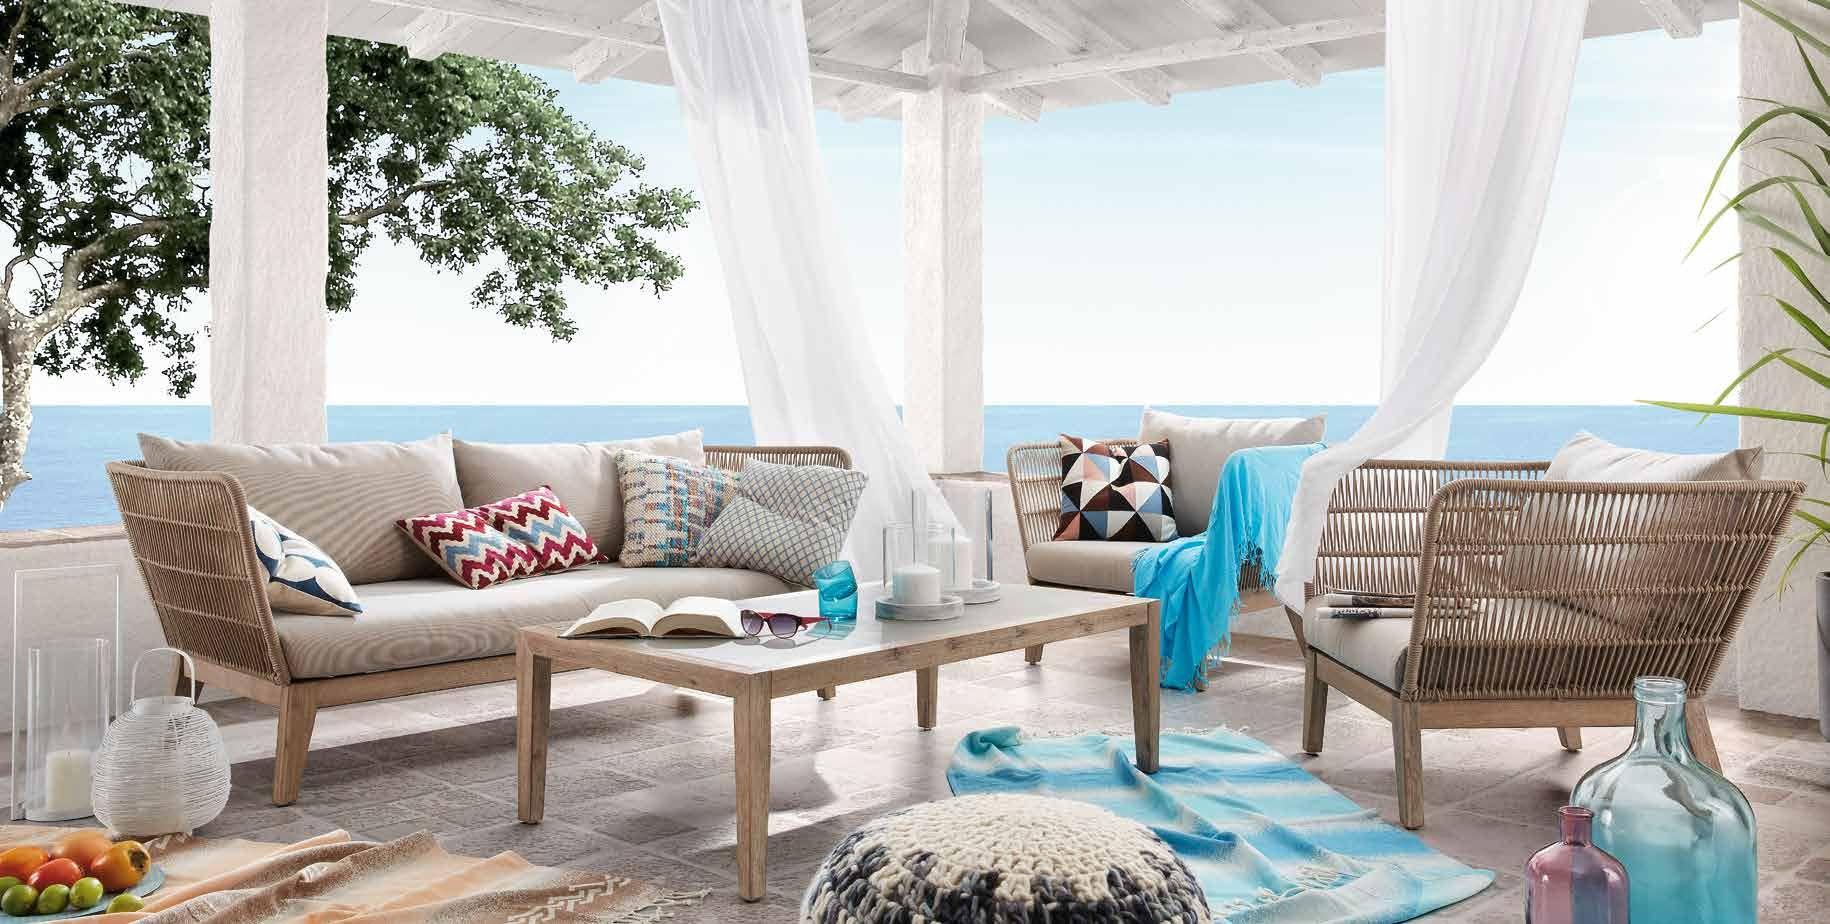 Nueva colección de muebles de jardín Bellano, Corvette, sofás y ...